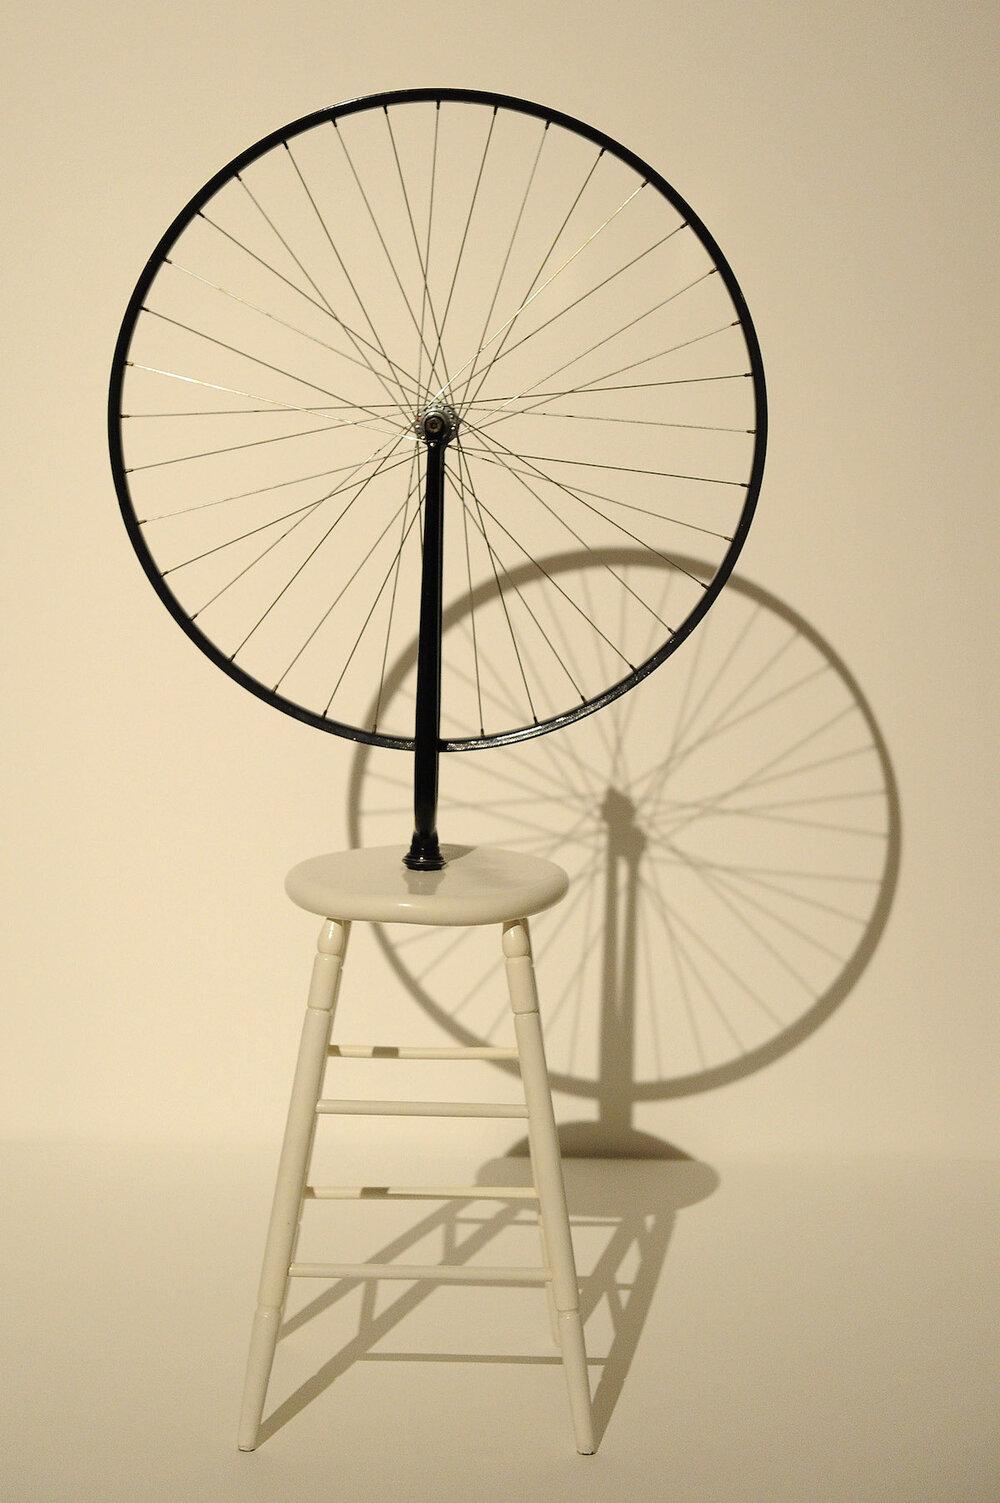 Bicycle Wheel, 1913 ©TONY KYRIACOU/SHUTTERSTOCK  Один з перших ready-made, які зробив Марсель Дюшан. Оскільки, в цій техніці властиво називати будь-який предмет твором мистецтва, на початку ХХ століття, ця думка була революційною і завжди викликала бурю емоцій на виставах